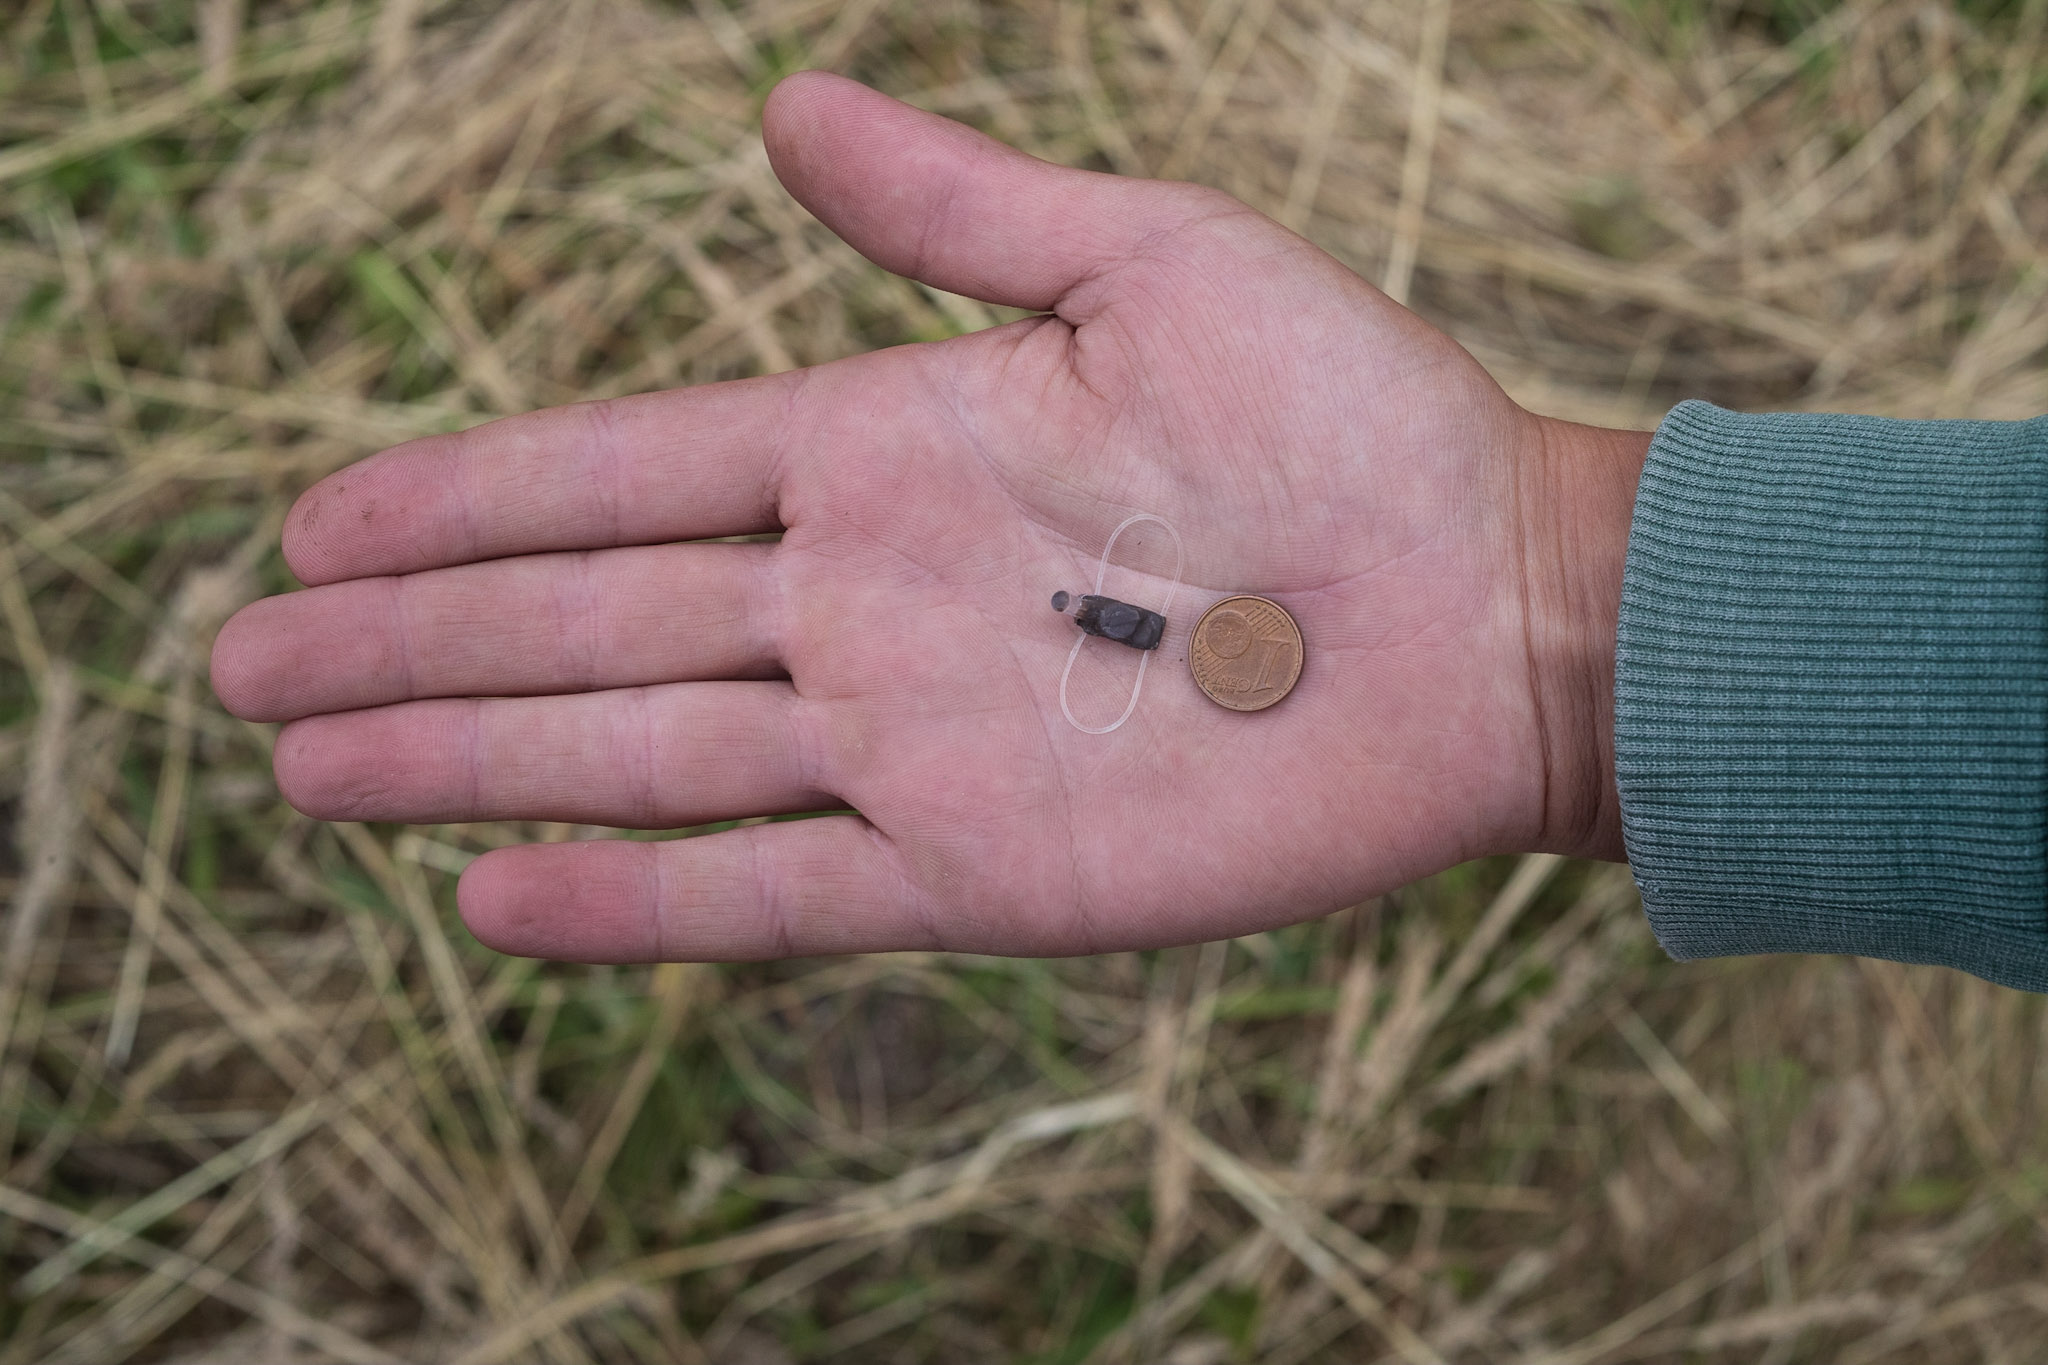 Геолокатор, используемый в исследовании, и монета номиналом 1 евроцент - для сравнения. Фото meldine.lt